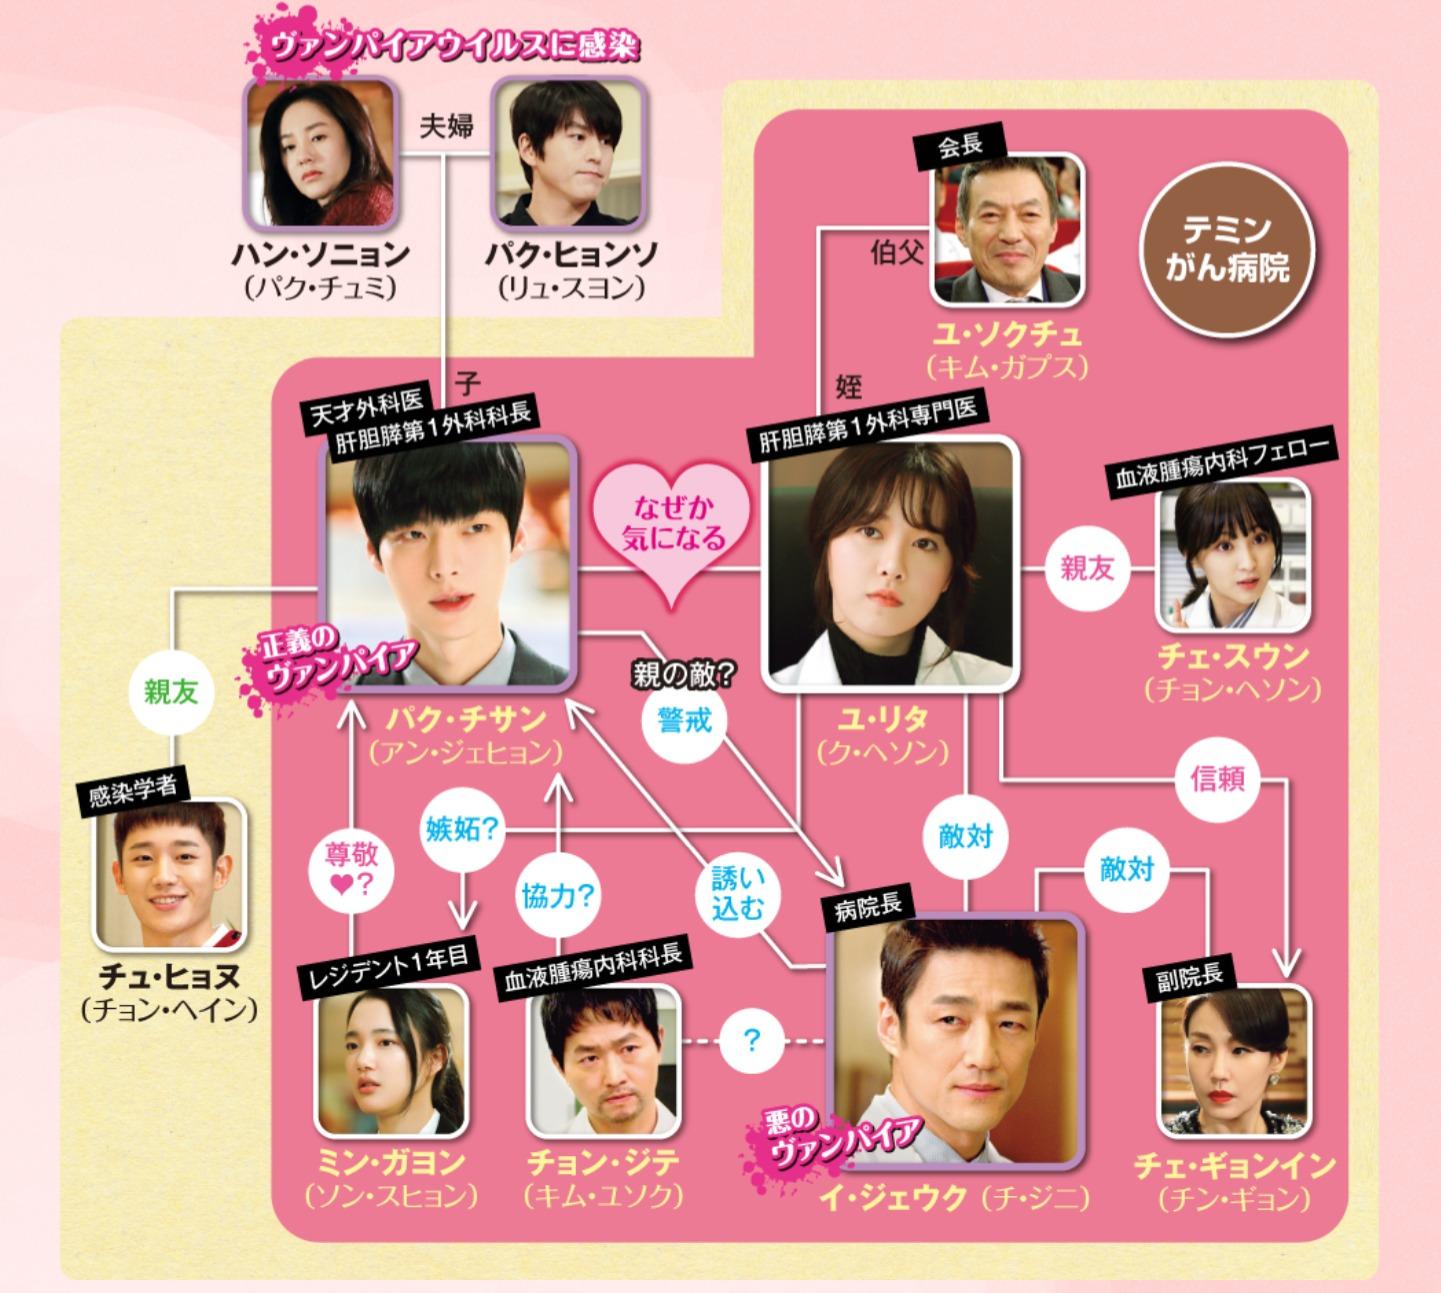 韓国ドラマ『ディア・ブラッド~私の守護天使』登場人物相関図(関係図)